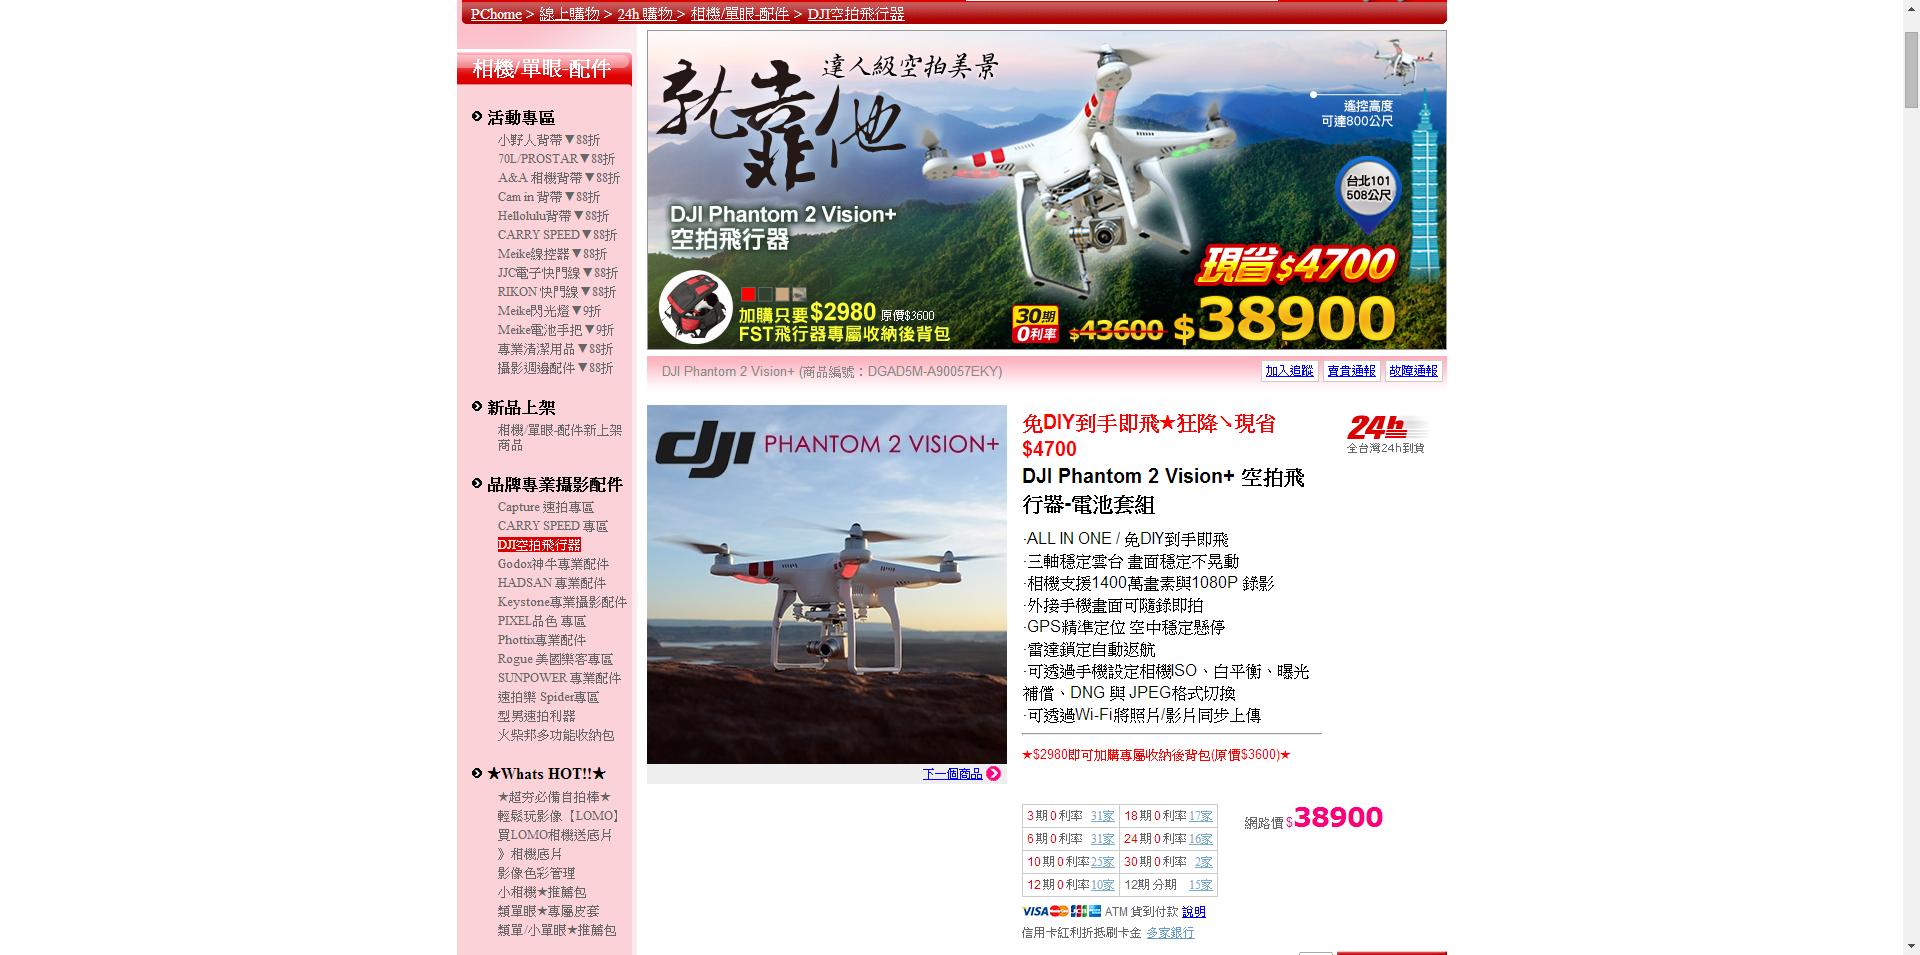 NT38900-DJI Phantom 2 Vision  - PChome線上購物 - 24h 購物